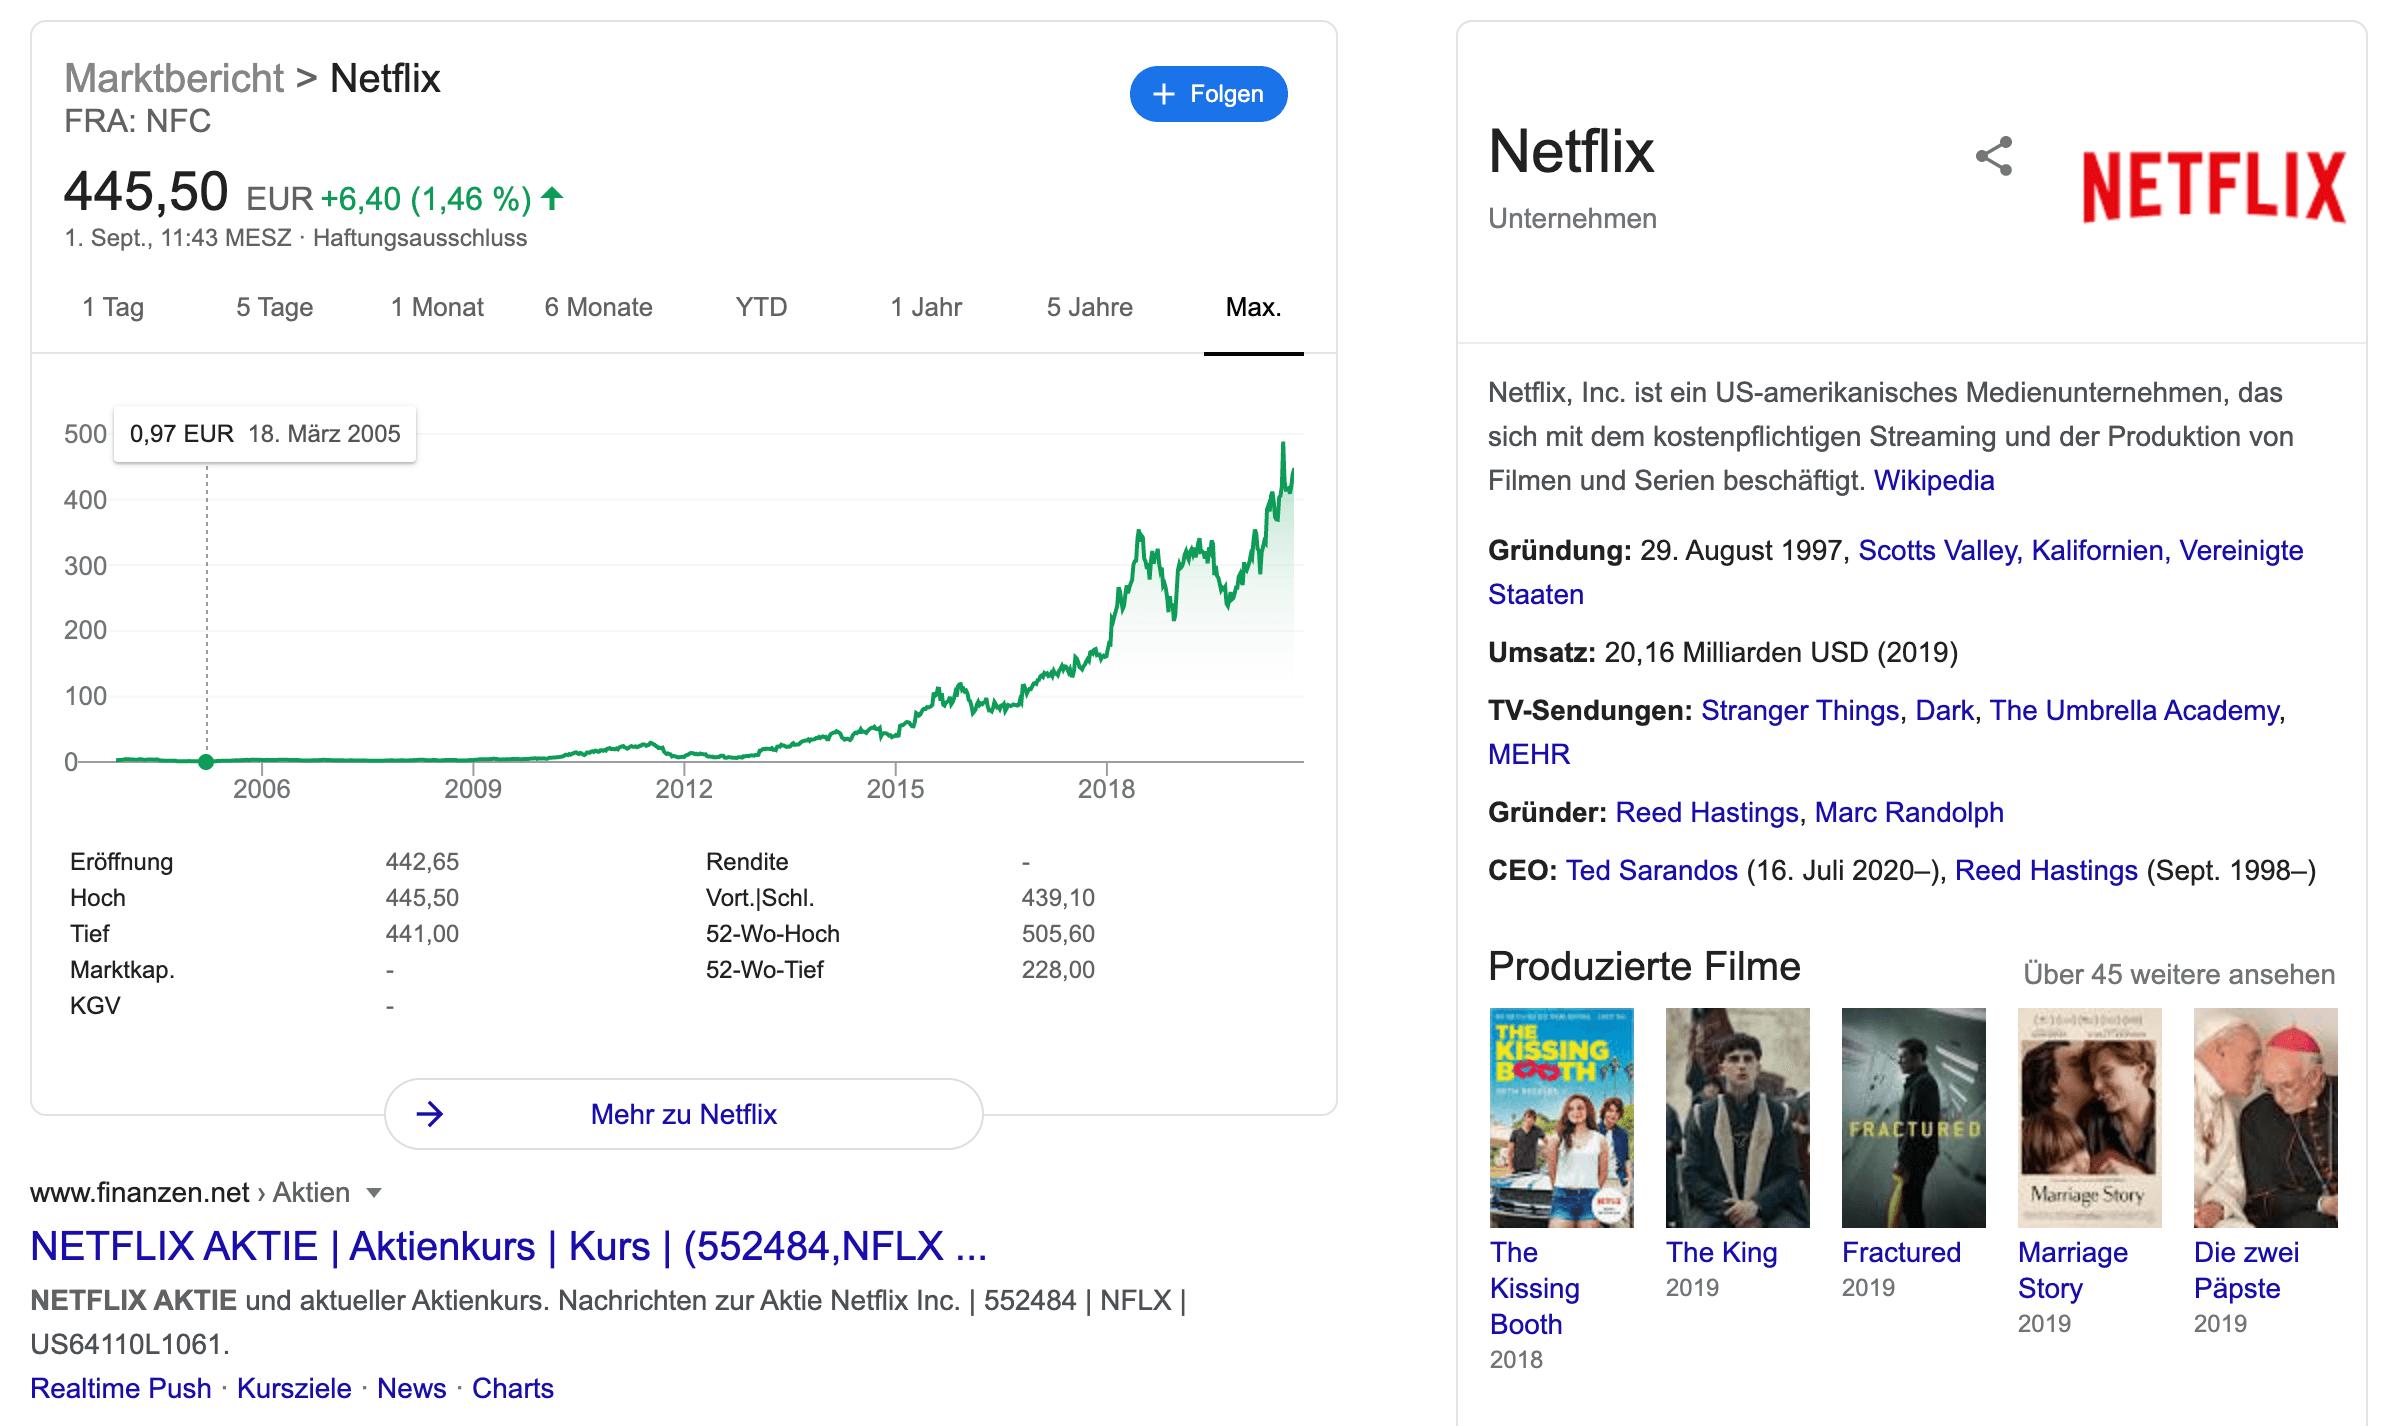 netflix aktie kaufen oder nicht